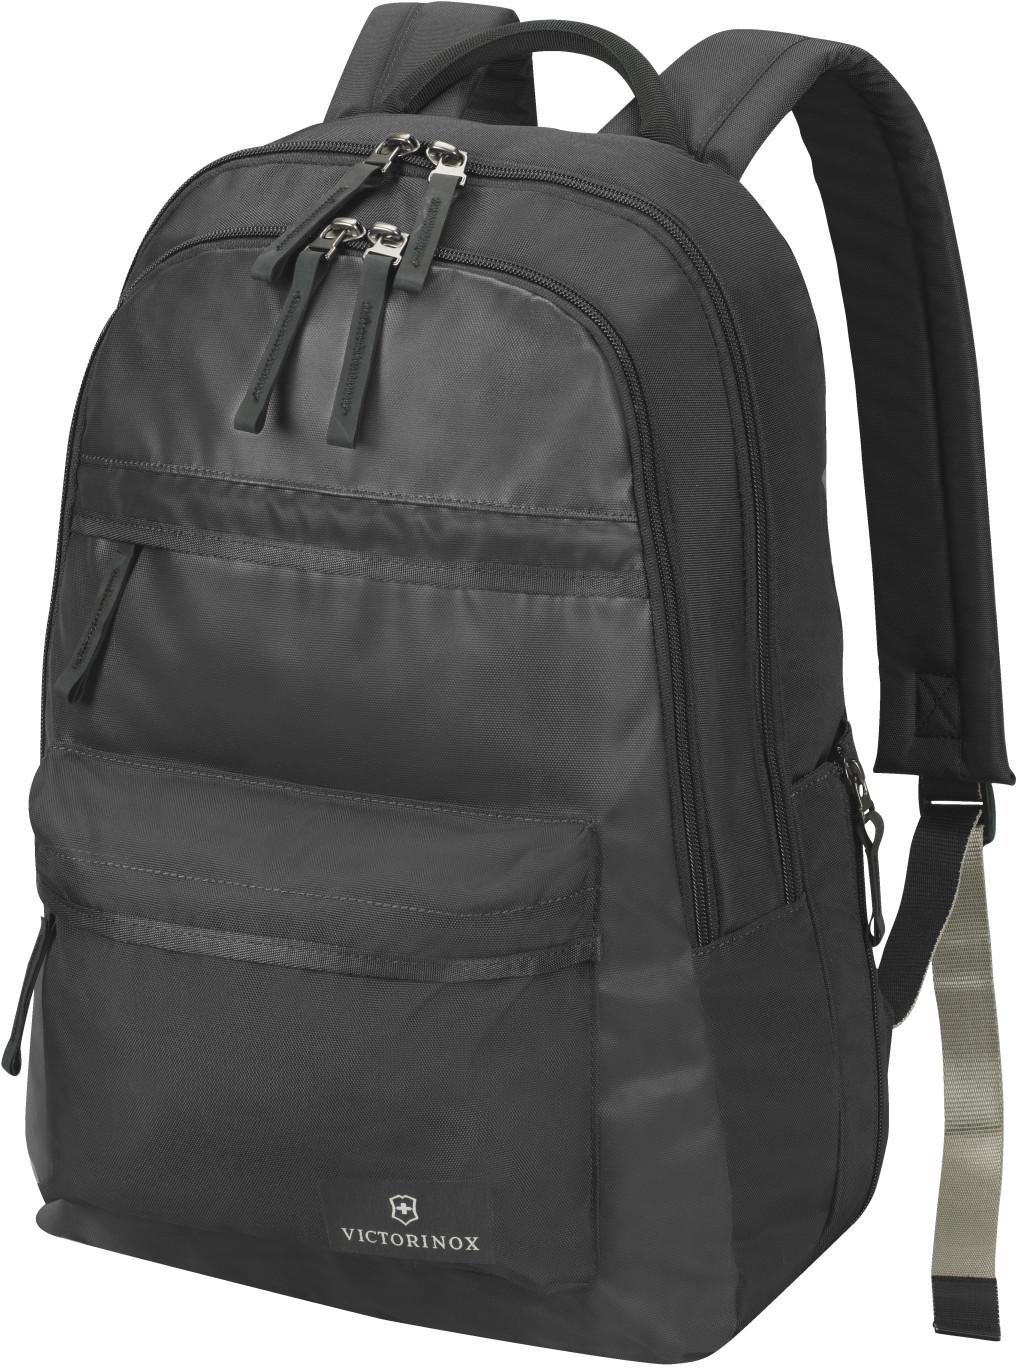 Victorinox Standard Backpack Black